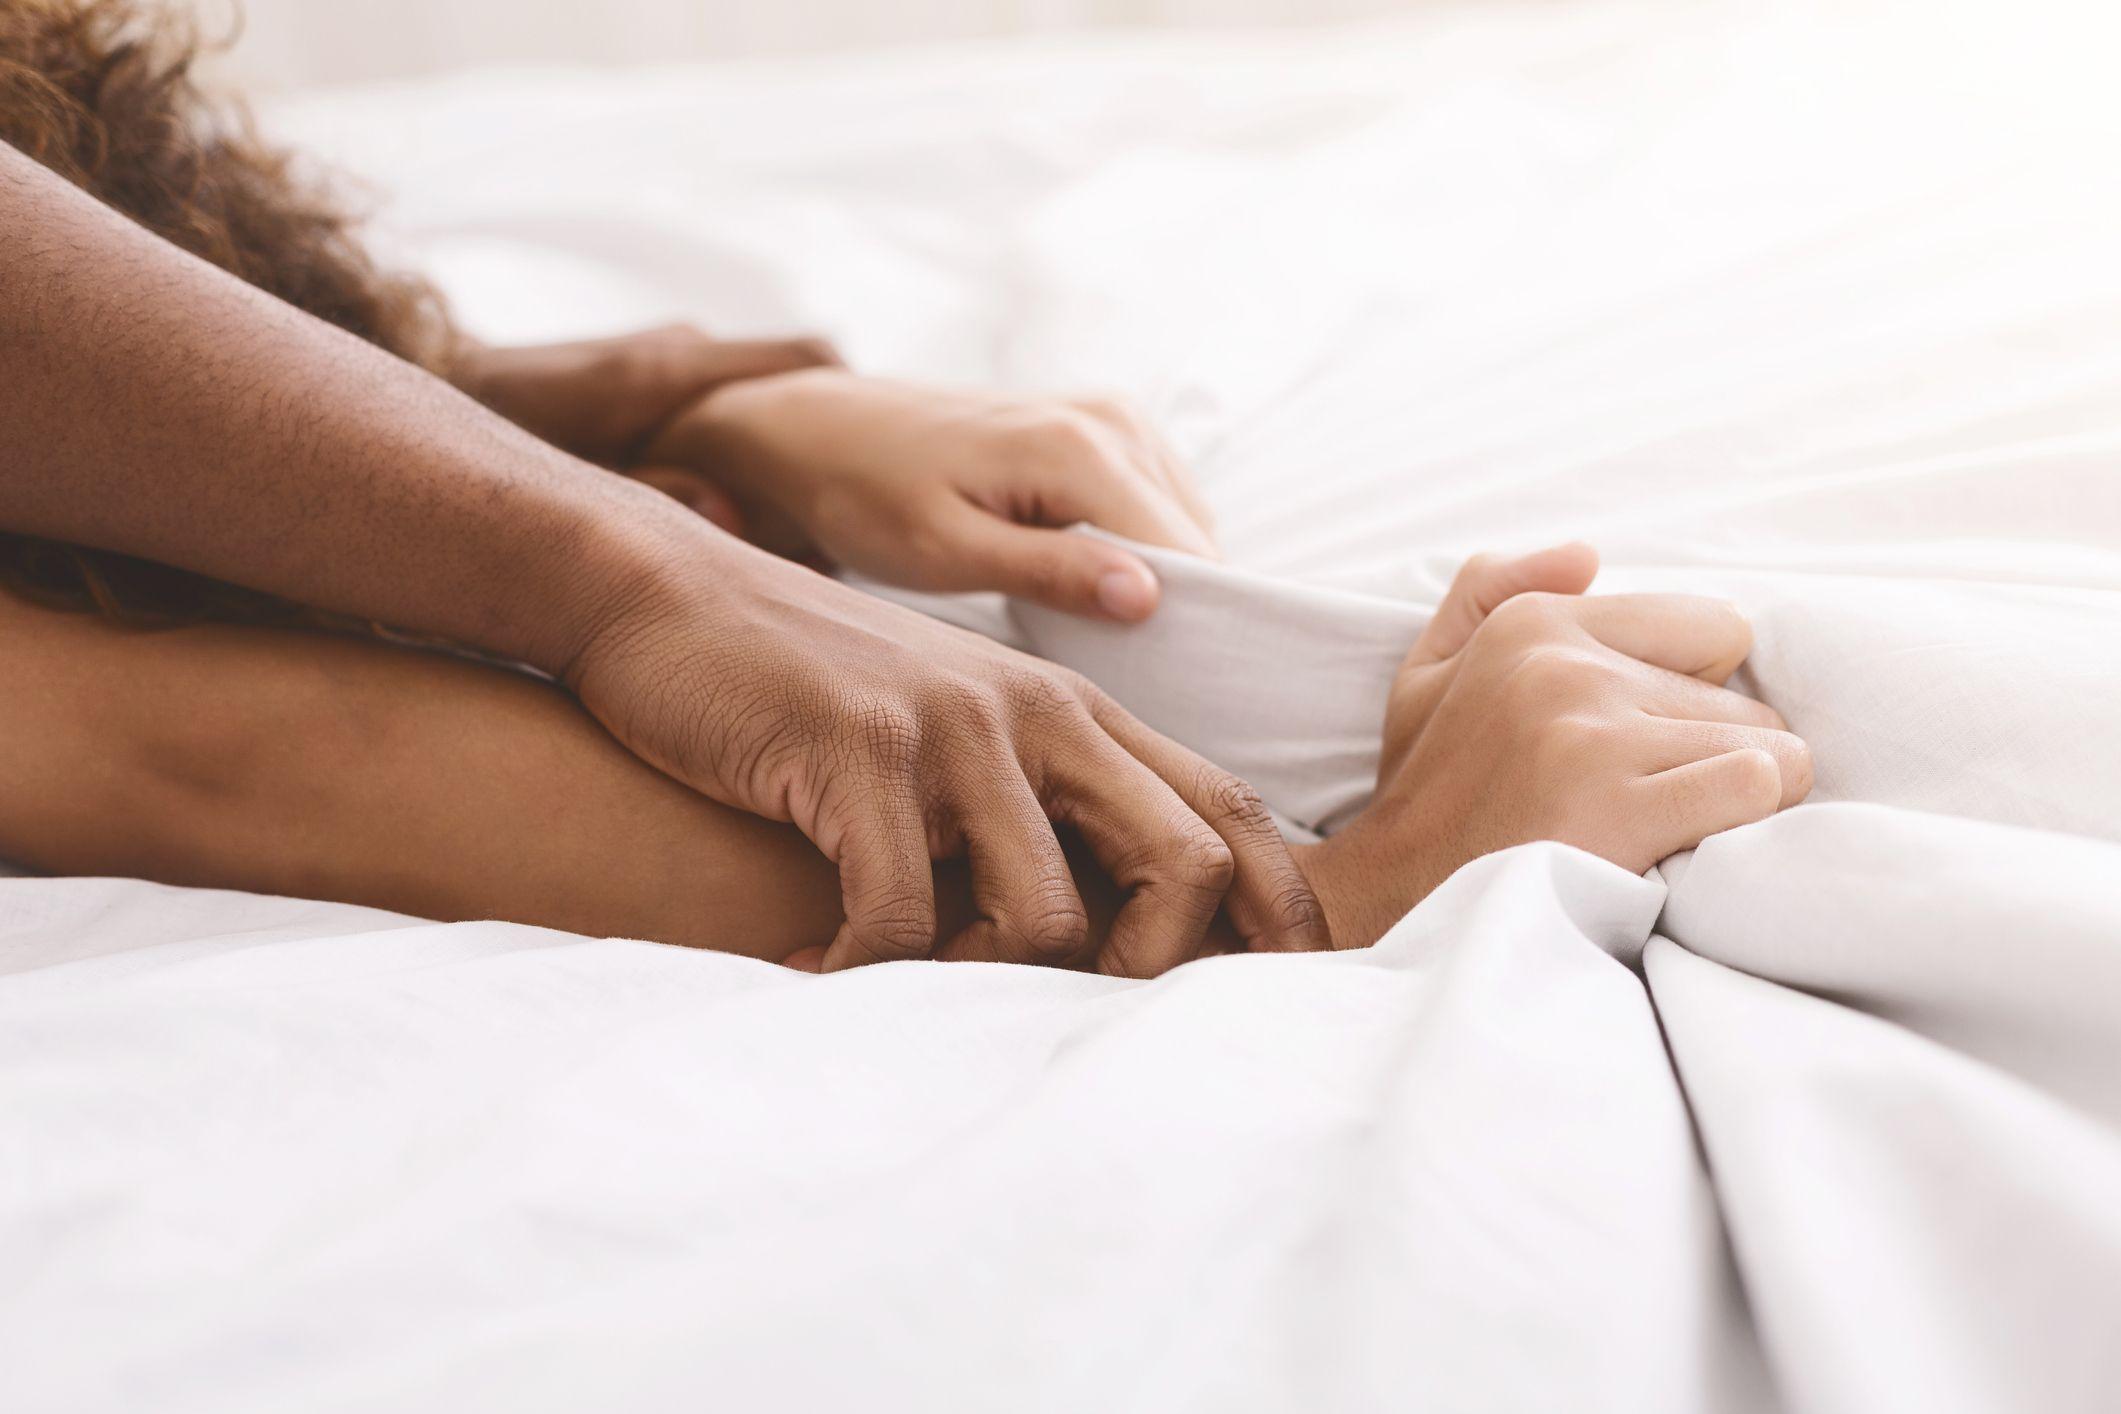 Legjobb orgazmus titkai.